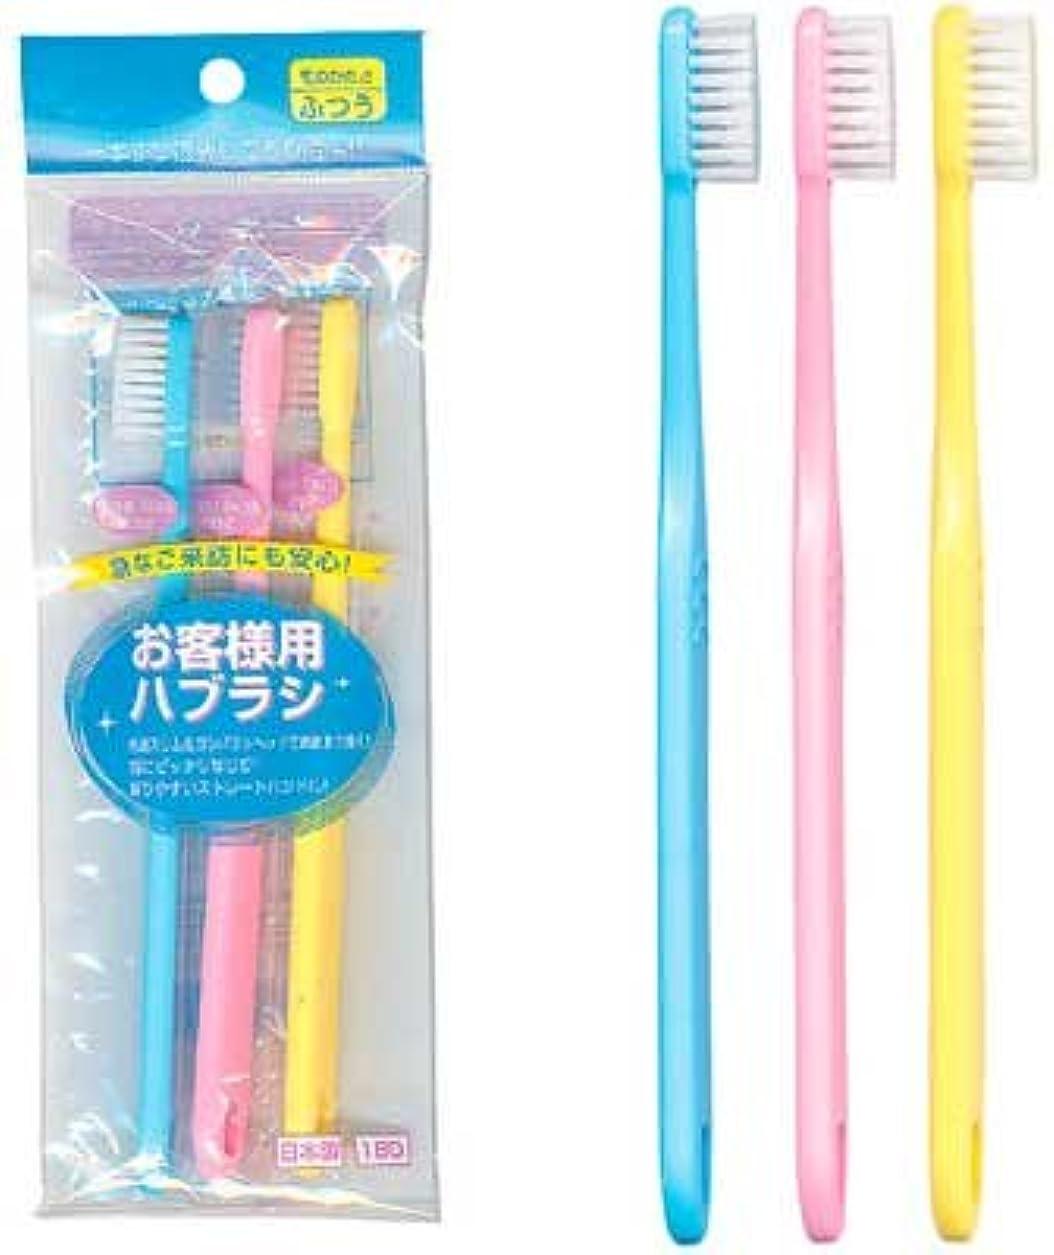 交換シャワー責めるお客様用歯ブラシ(3P) 【まとめ買い12個セット】 41-006